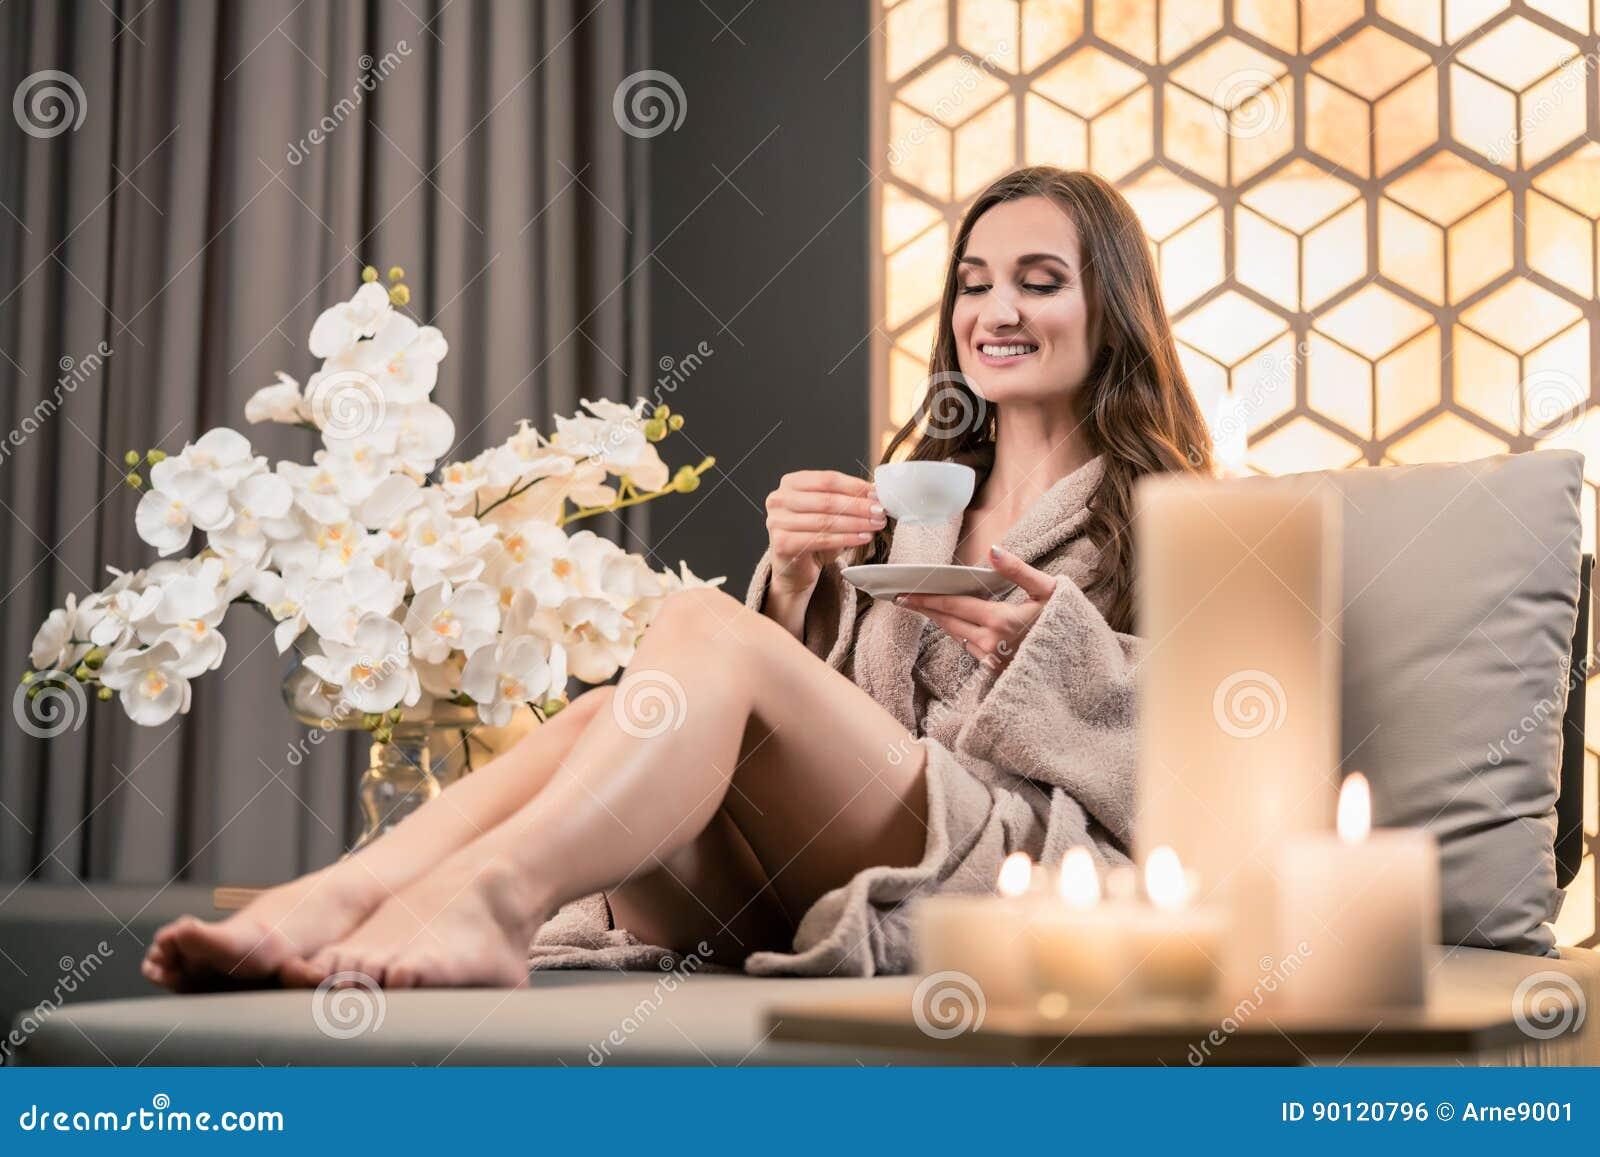 Entspannte junge Frau, die Kräutertee vor Badekur trinkt